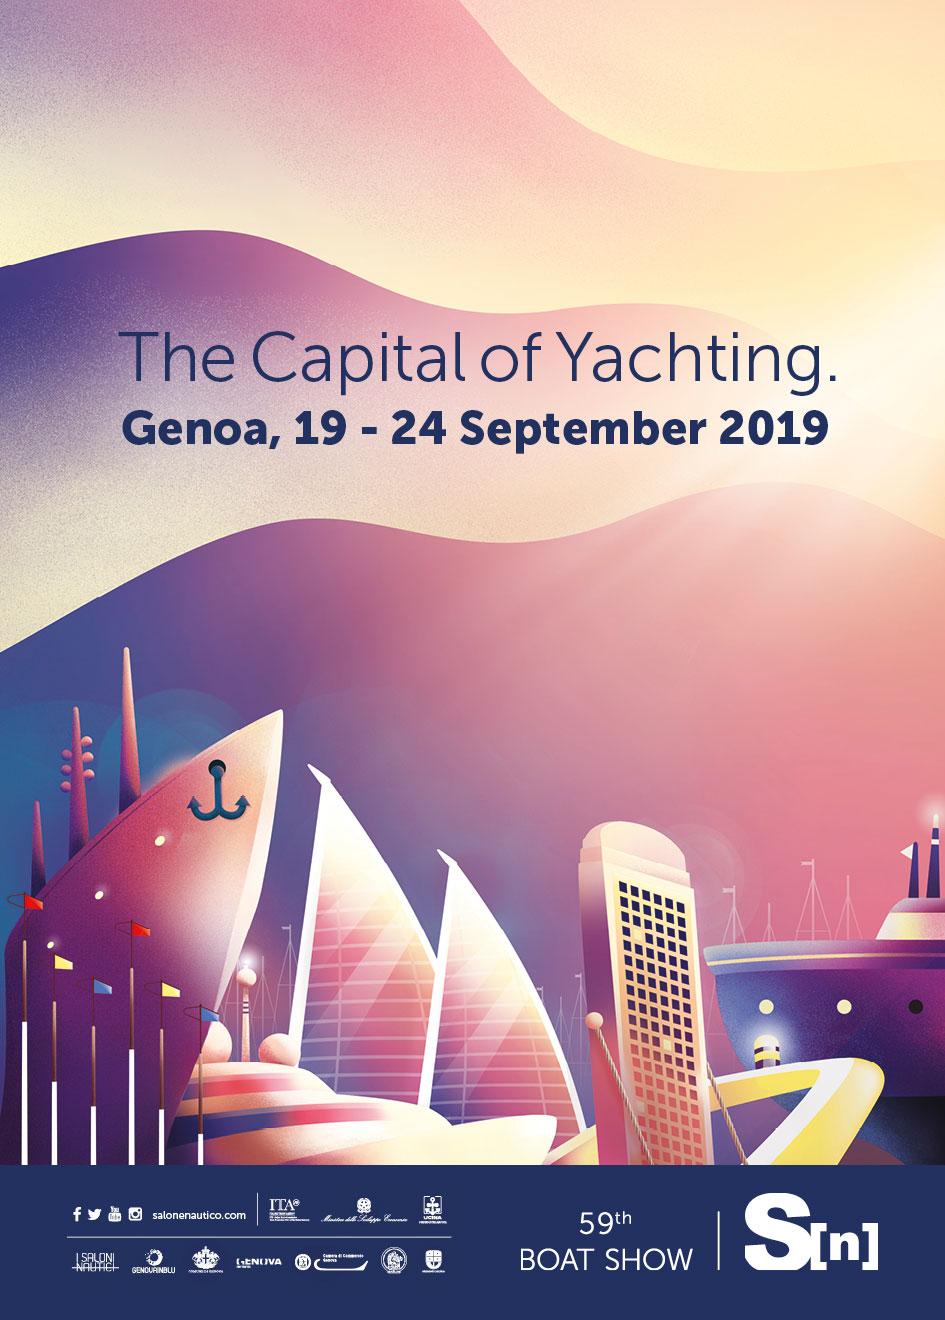 Genoa International Boat Show 19-24 September 2019